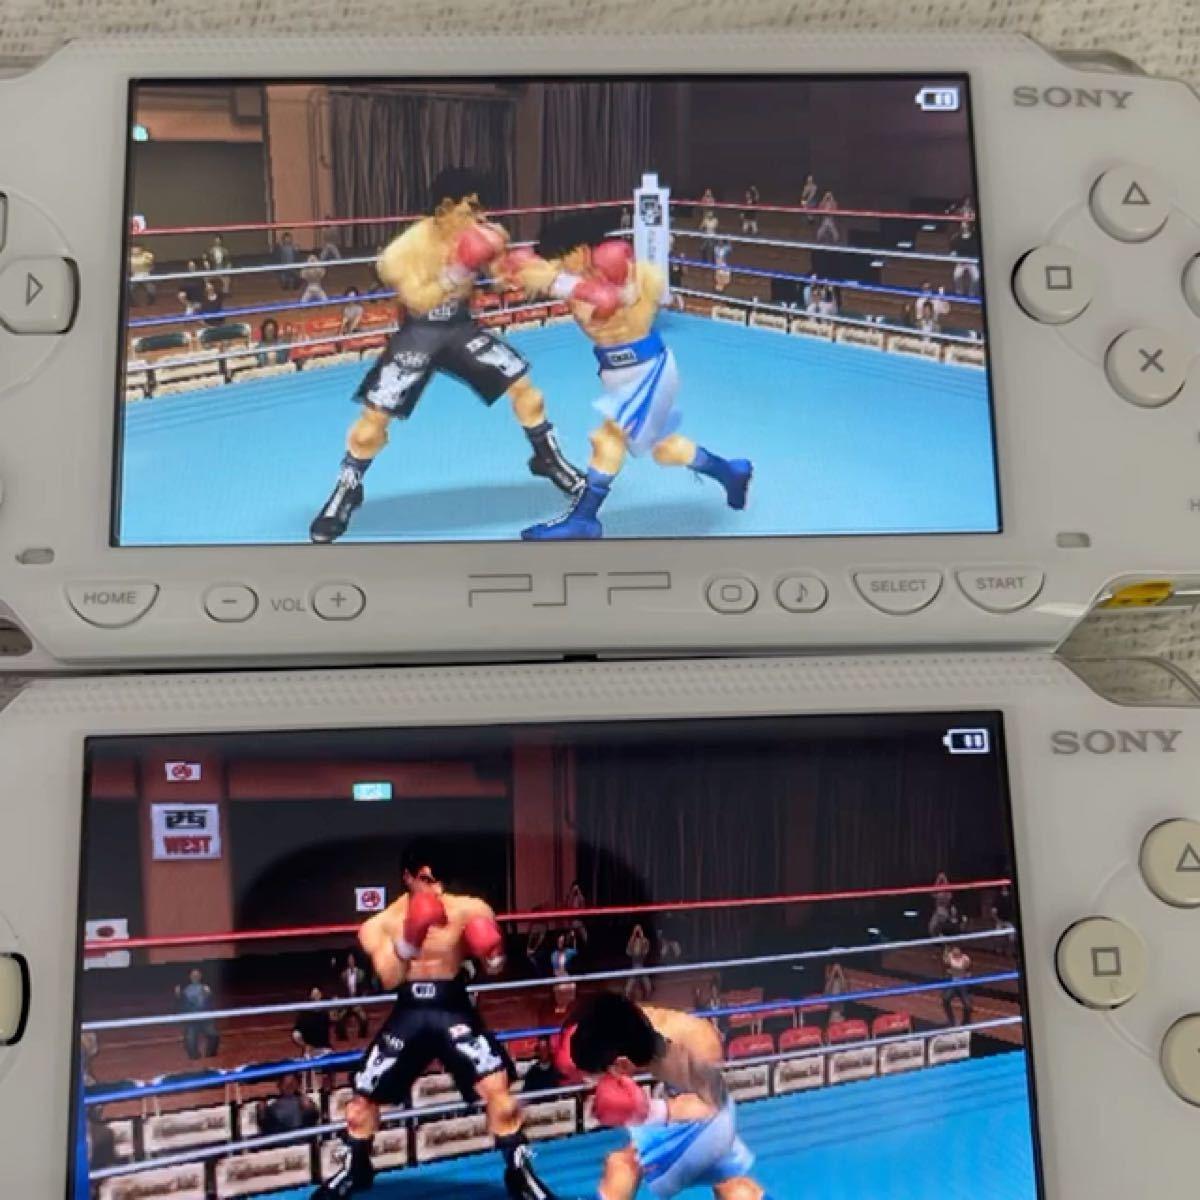 美品 PSP 1000 本体 ips液晶カスタム済み メモリースティックデュオ 16GB 付属